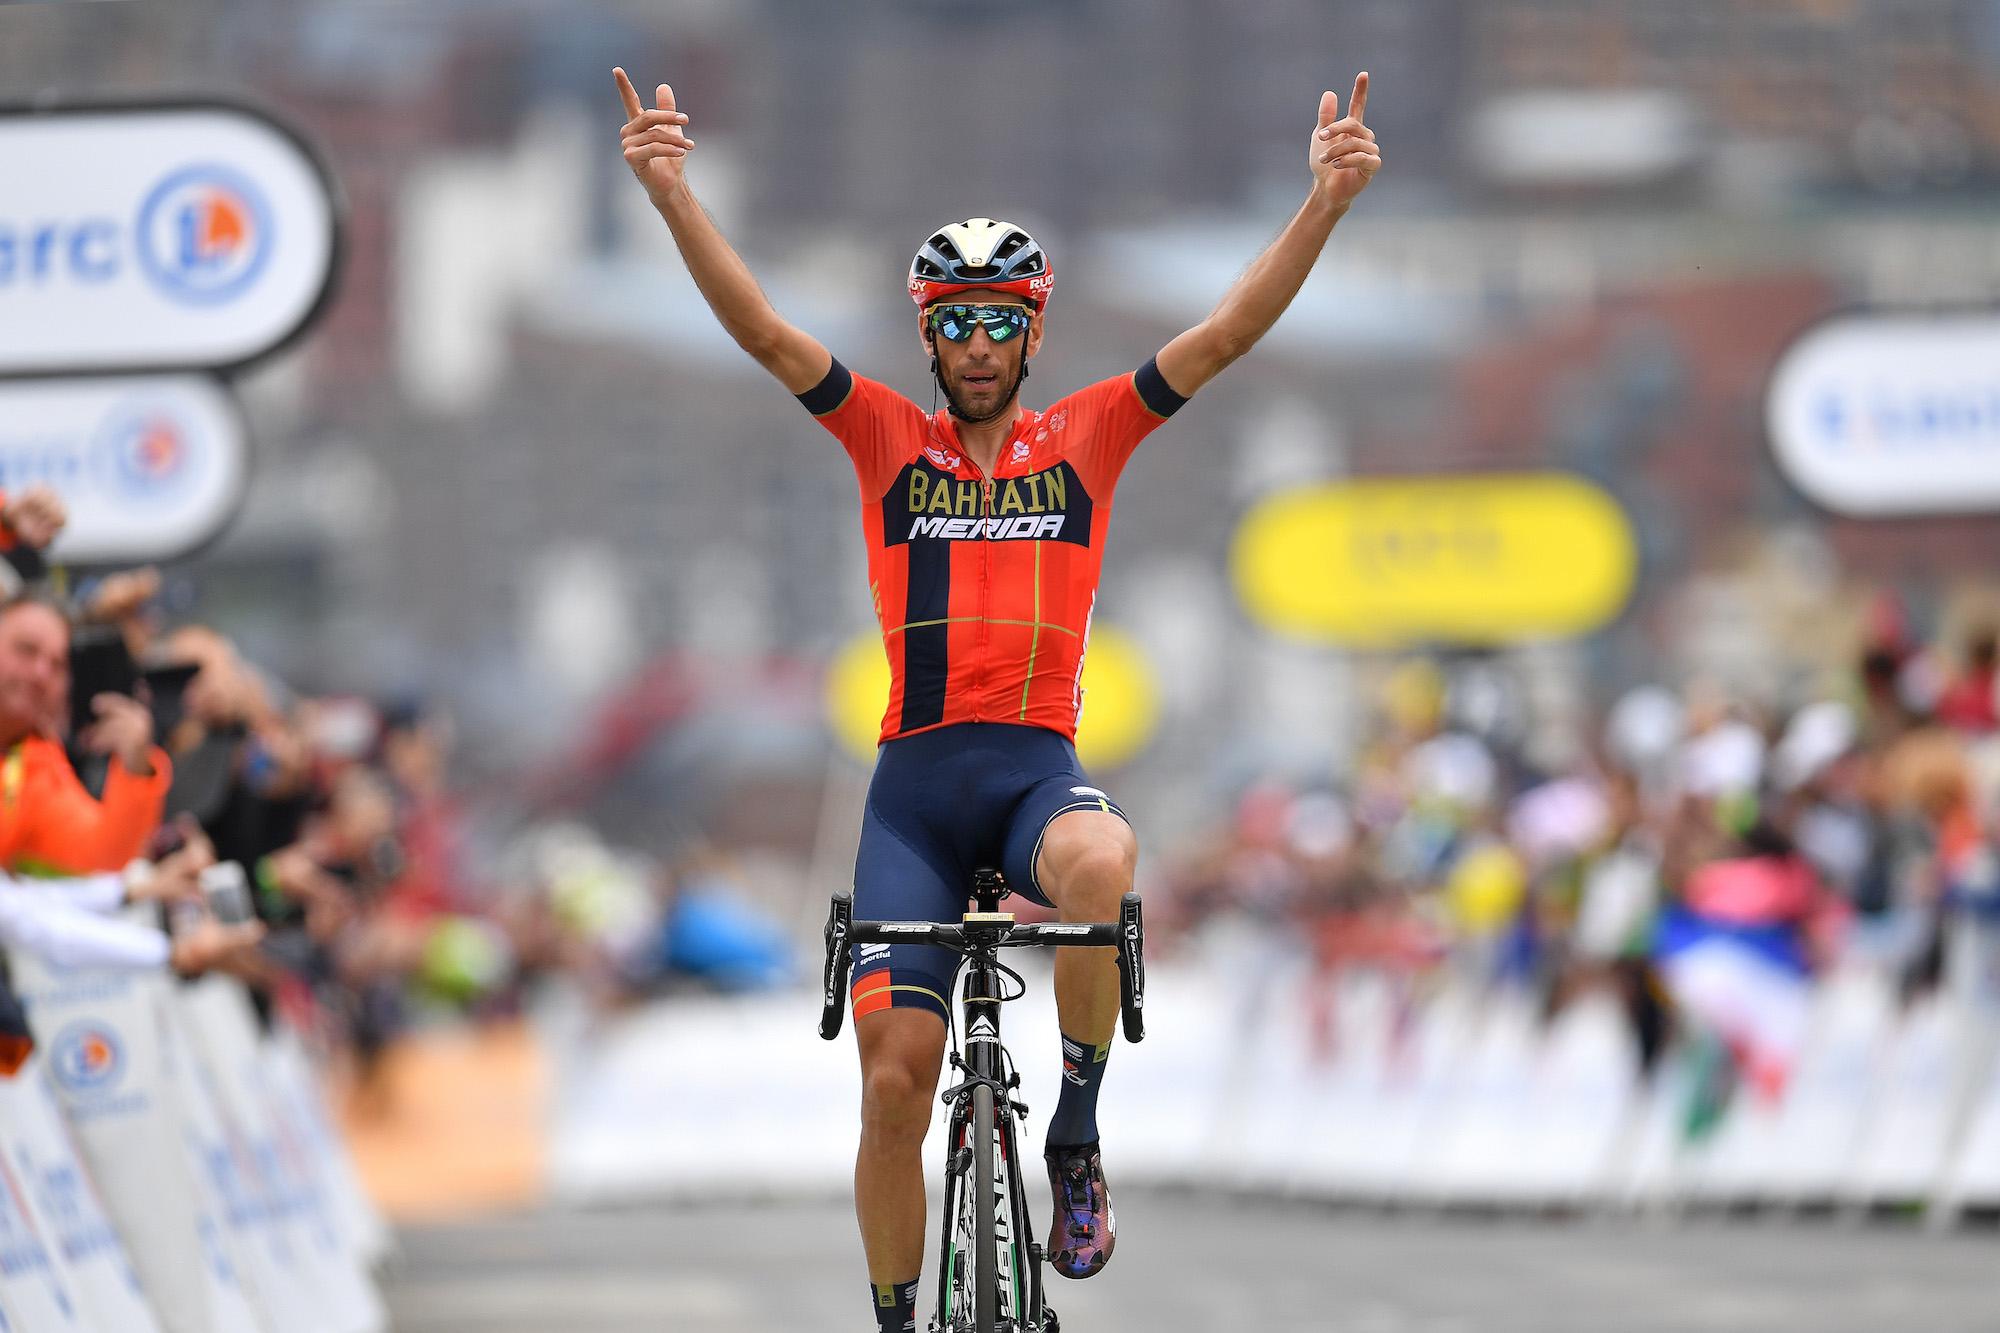 GettyImages 1164547609 - ¿Recuerdas las últimas victorias de estos grandes ciclistas en activo?